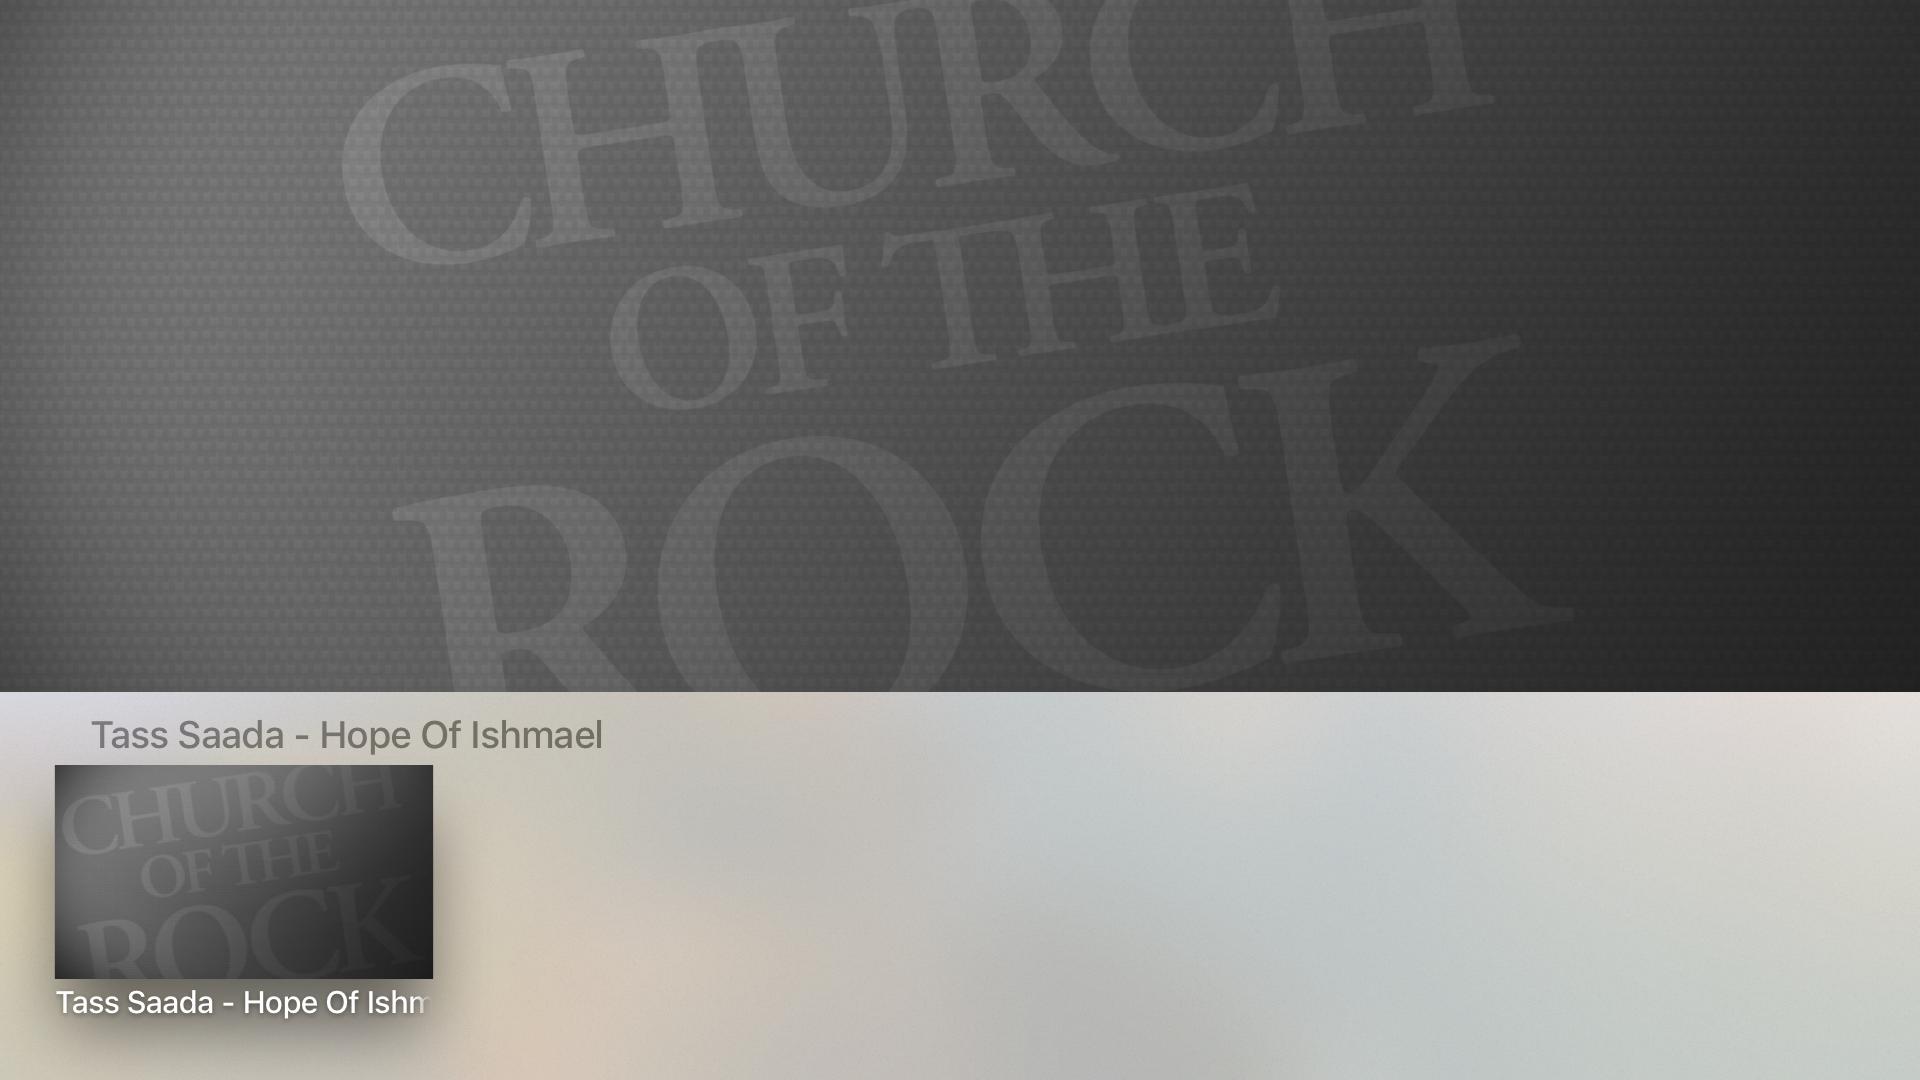 Church of the Rock screenshot 7